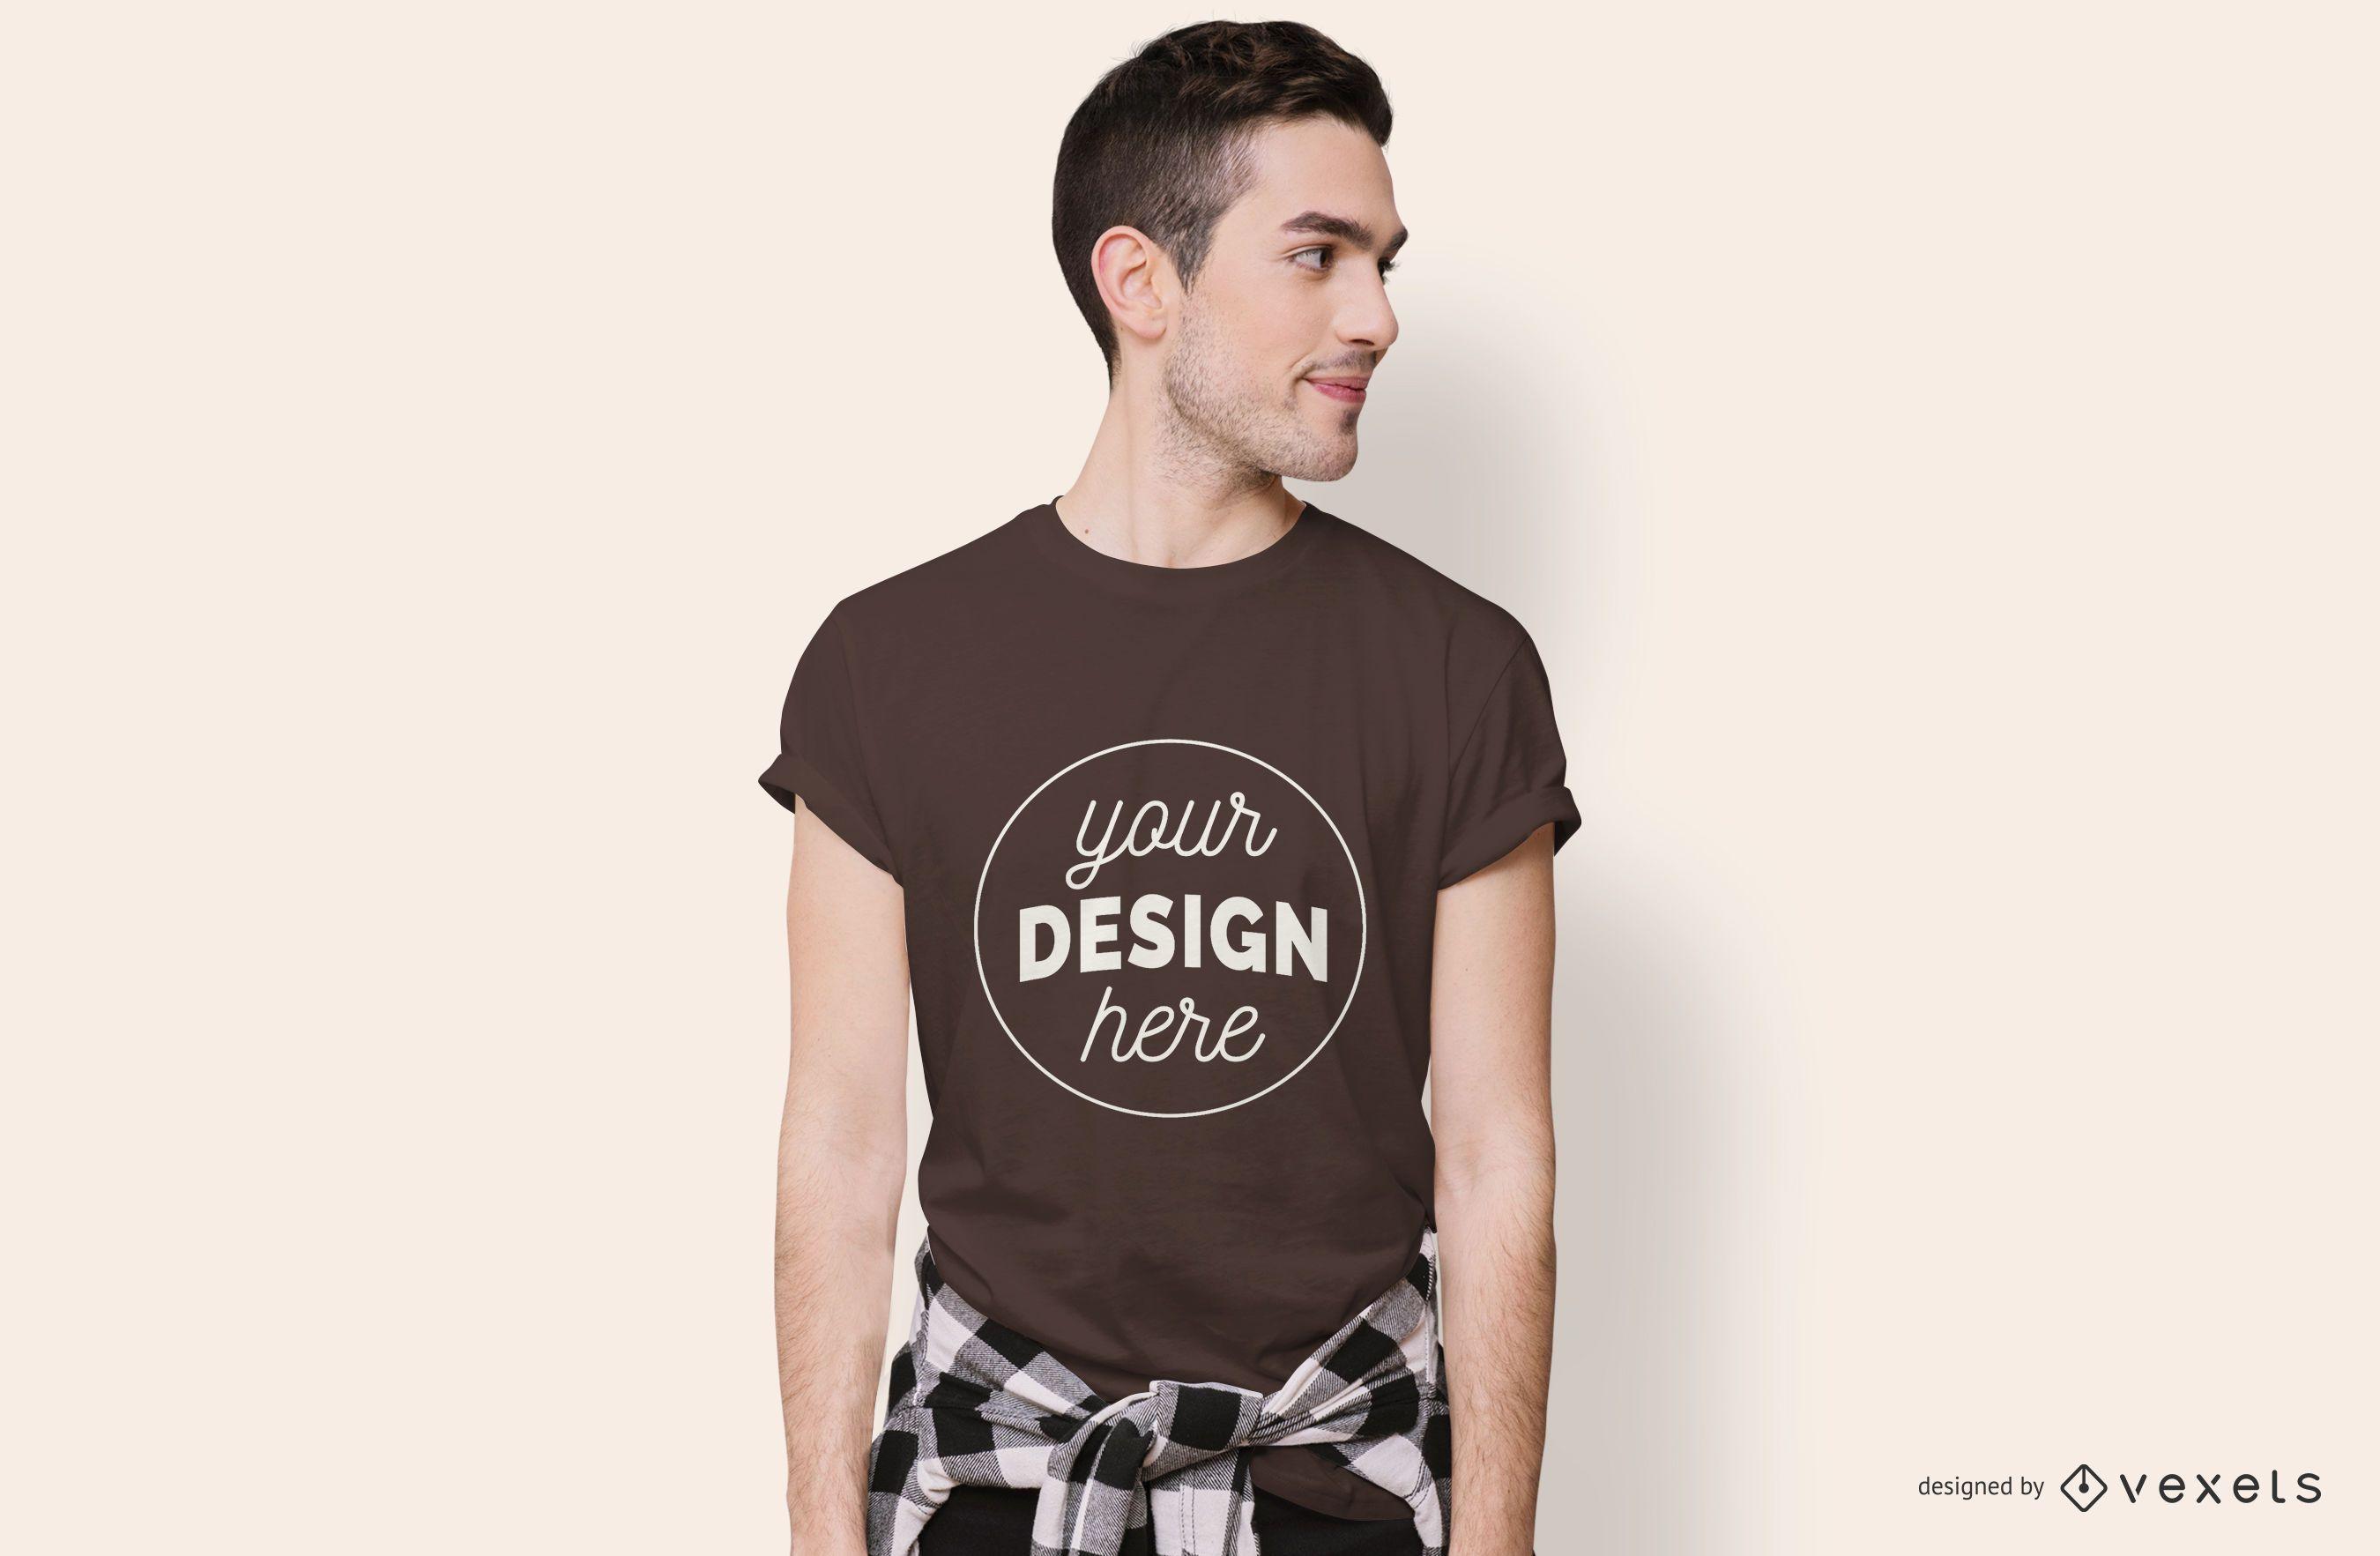 Maqueta de camiseta de ni?o mirando hacia los lados